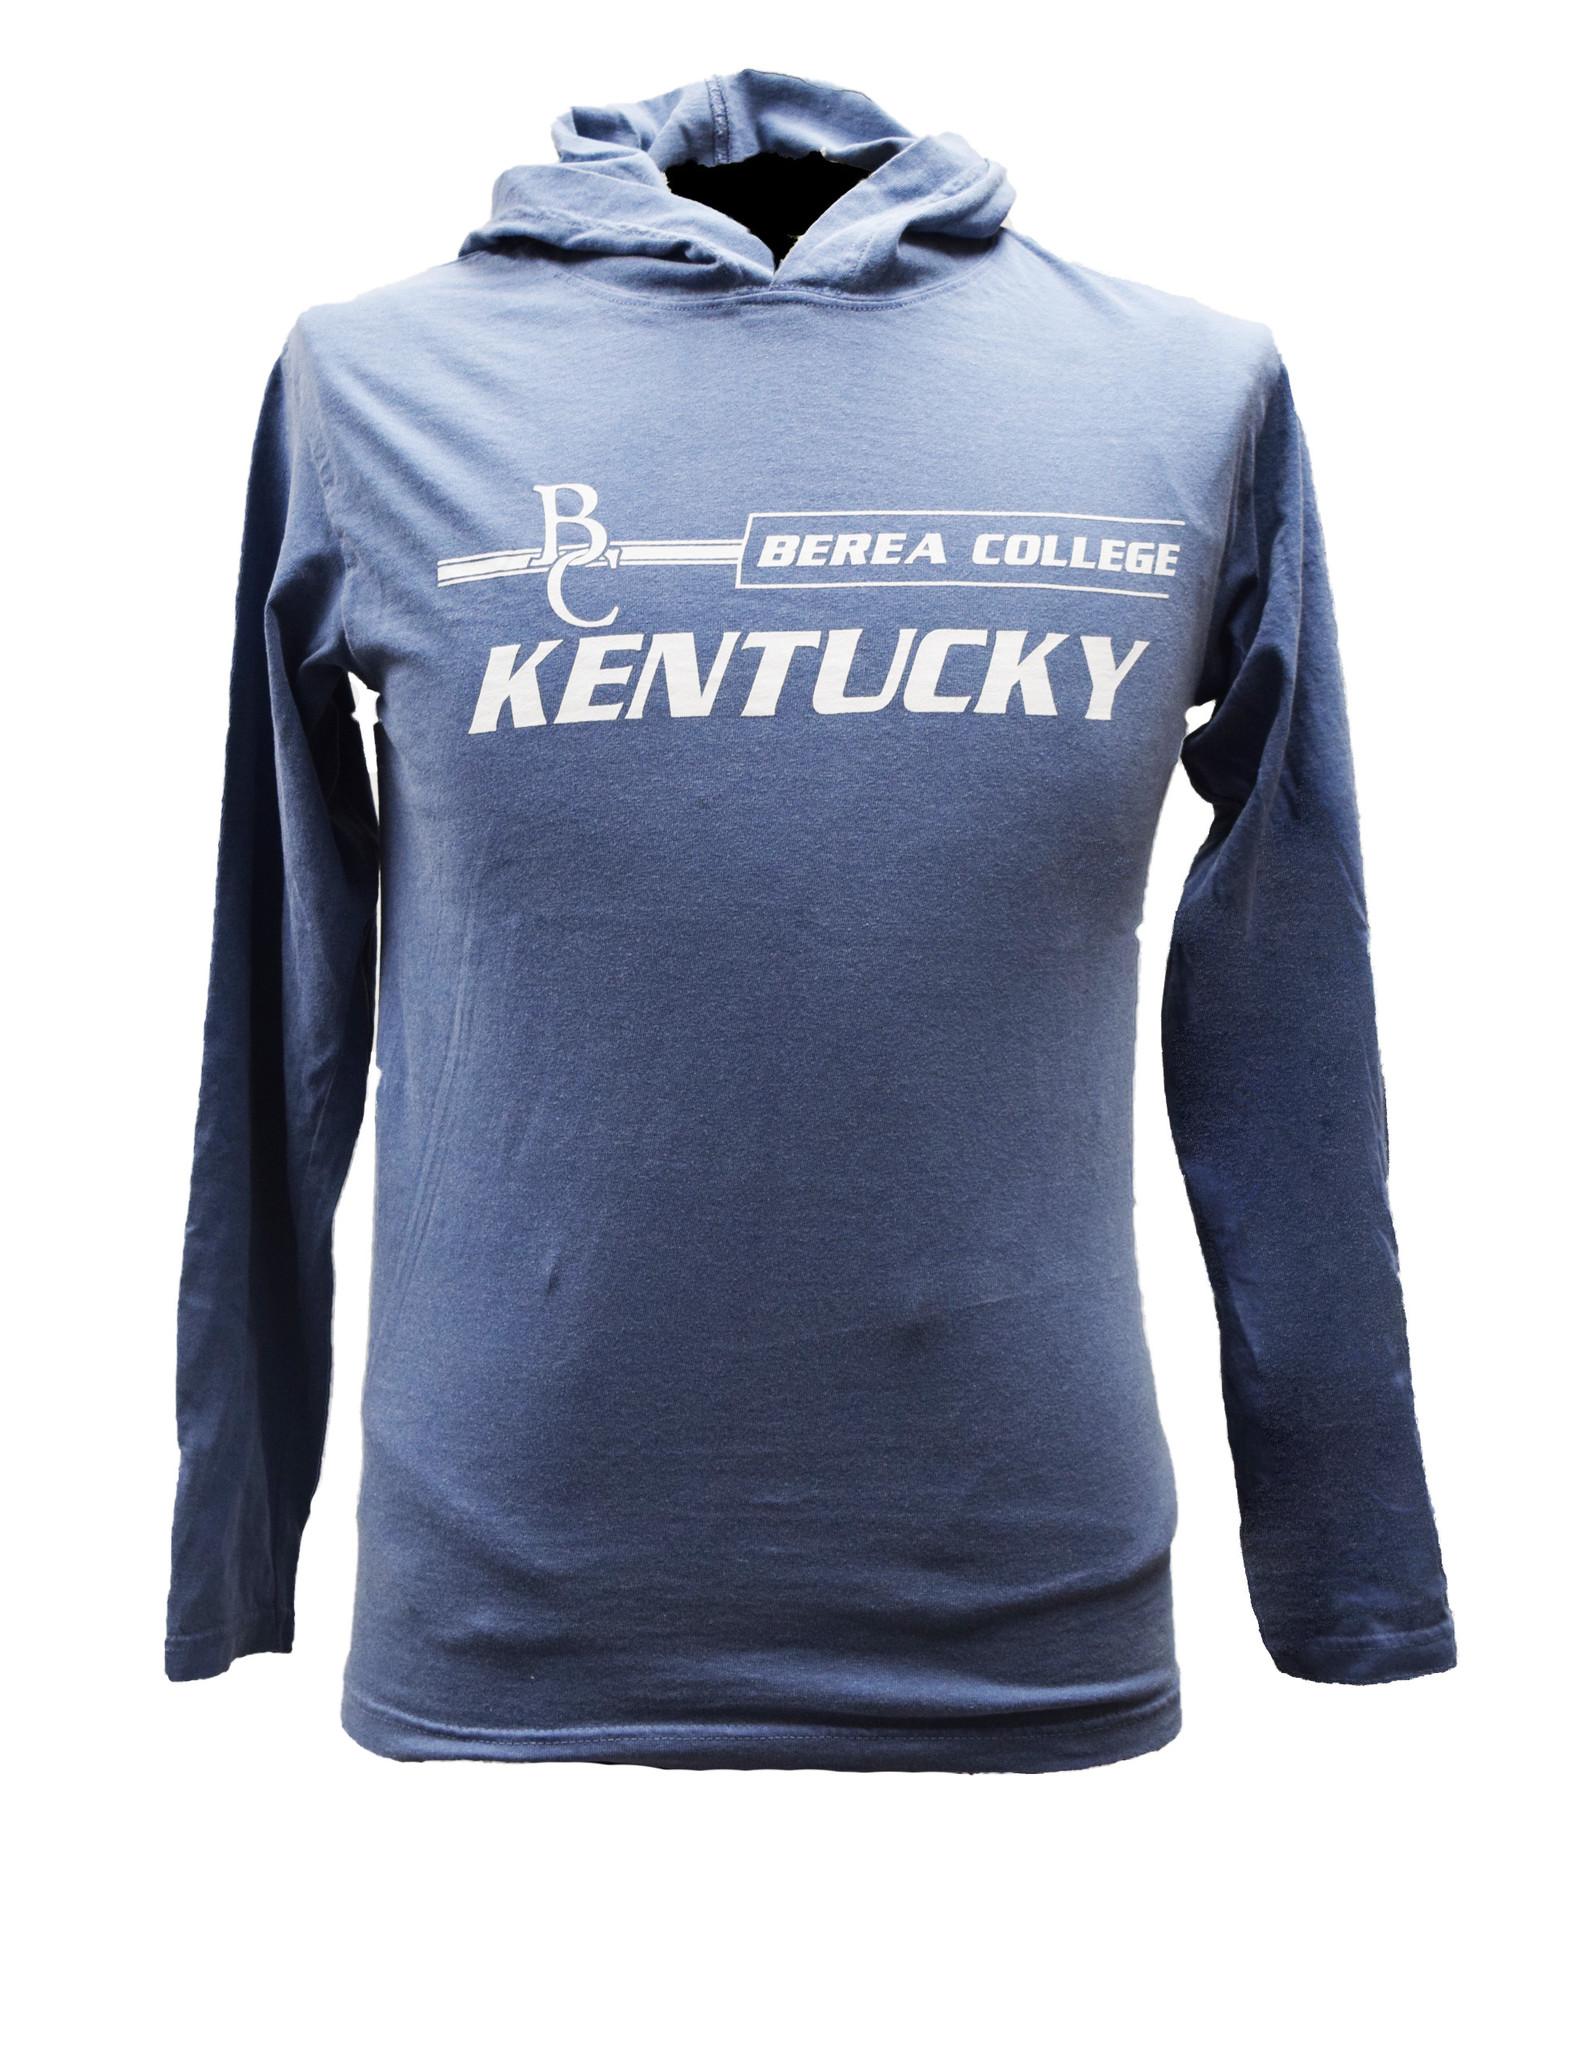 Berea College Kentucky Hooded T-shirt-3